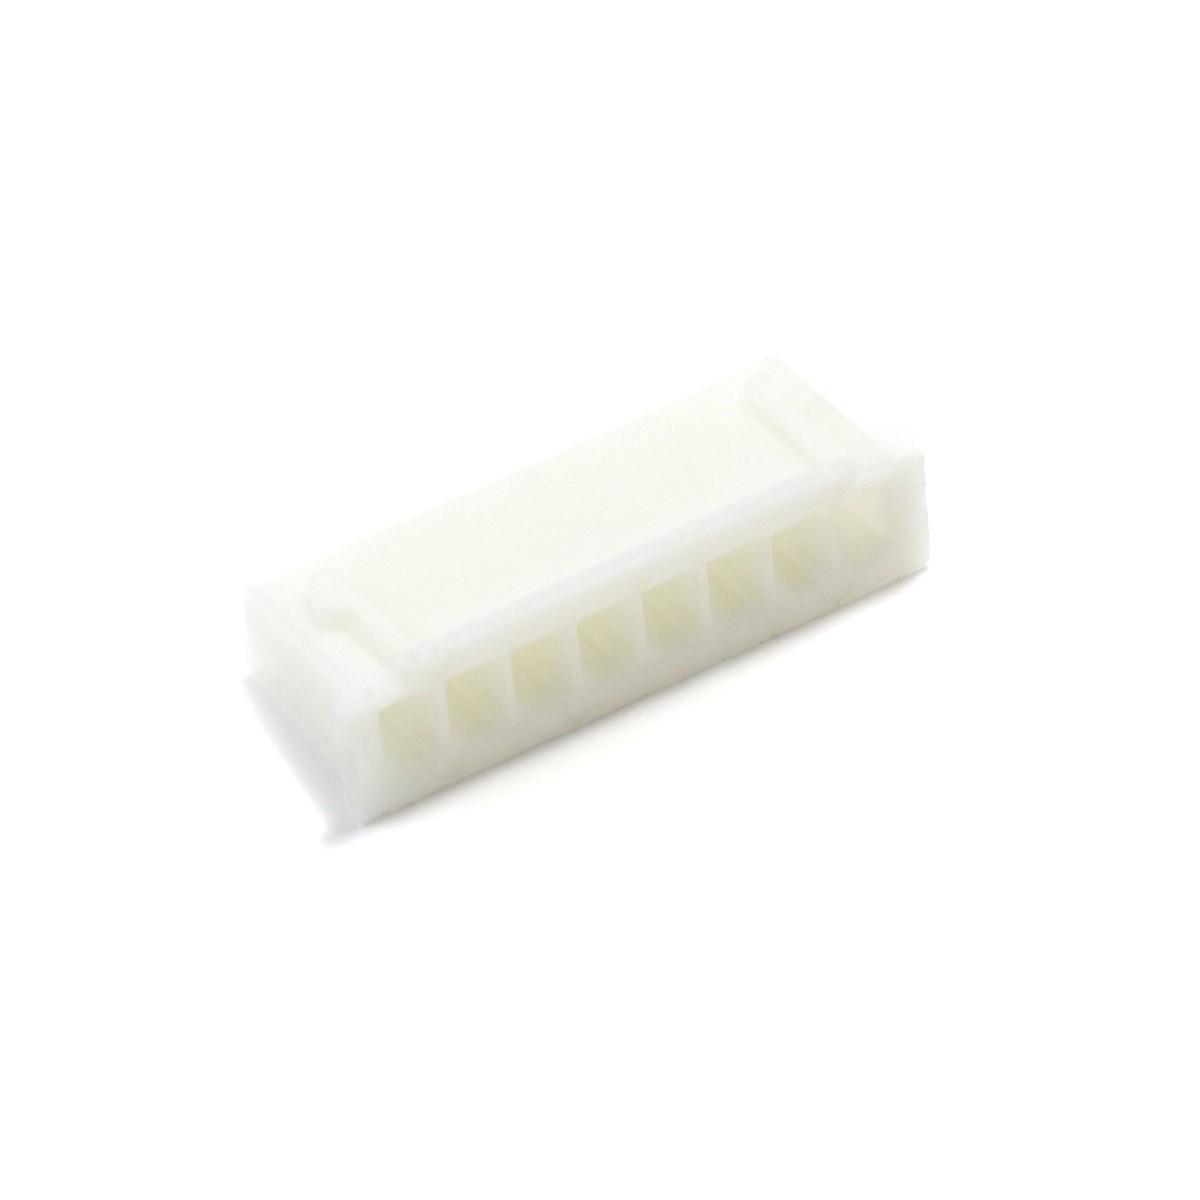 Boîtier XH 2.54mm Femelle 8 Voies Blanc (Unité)